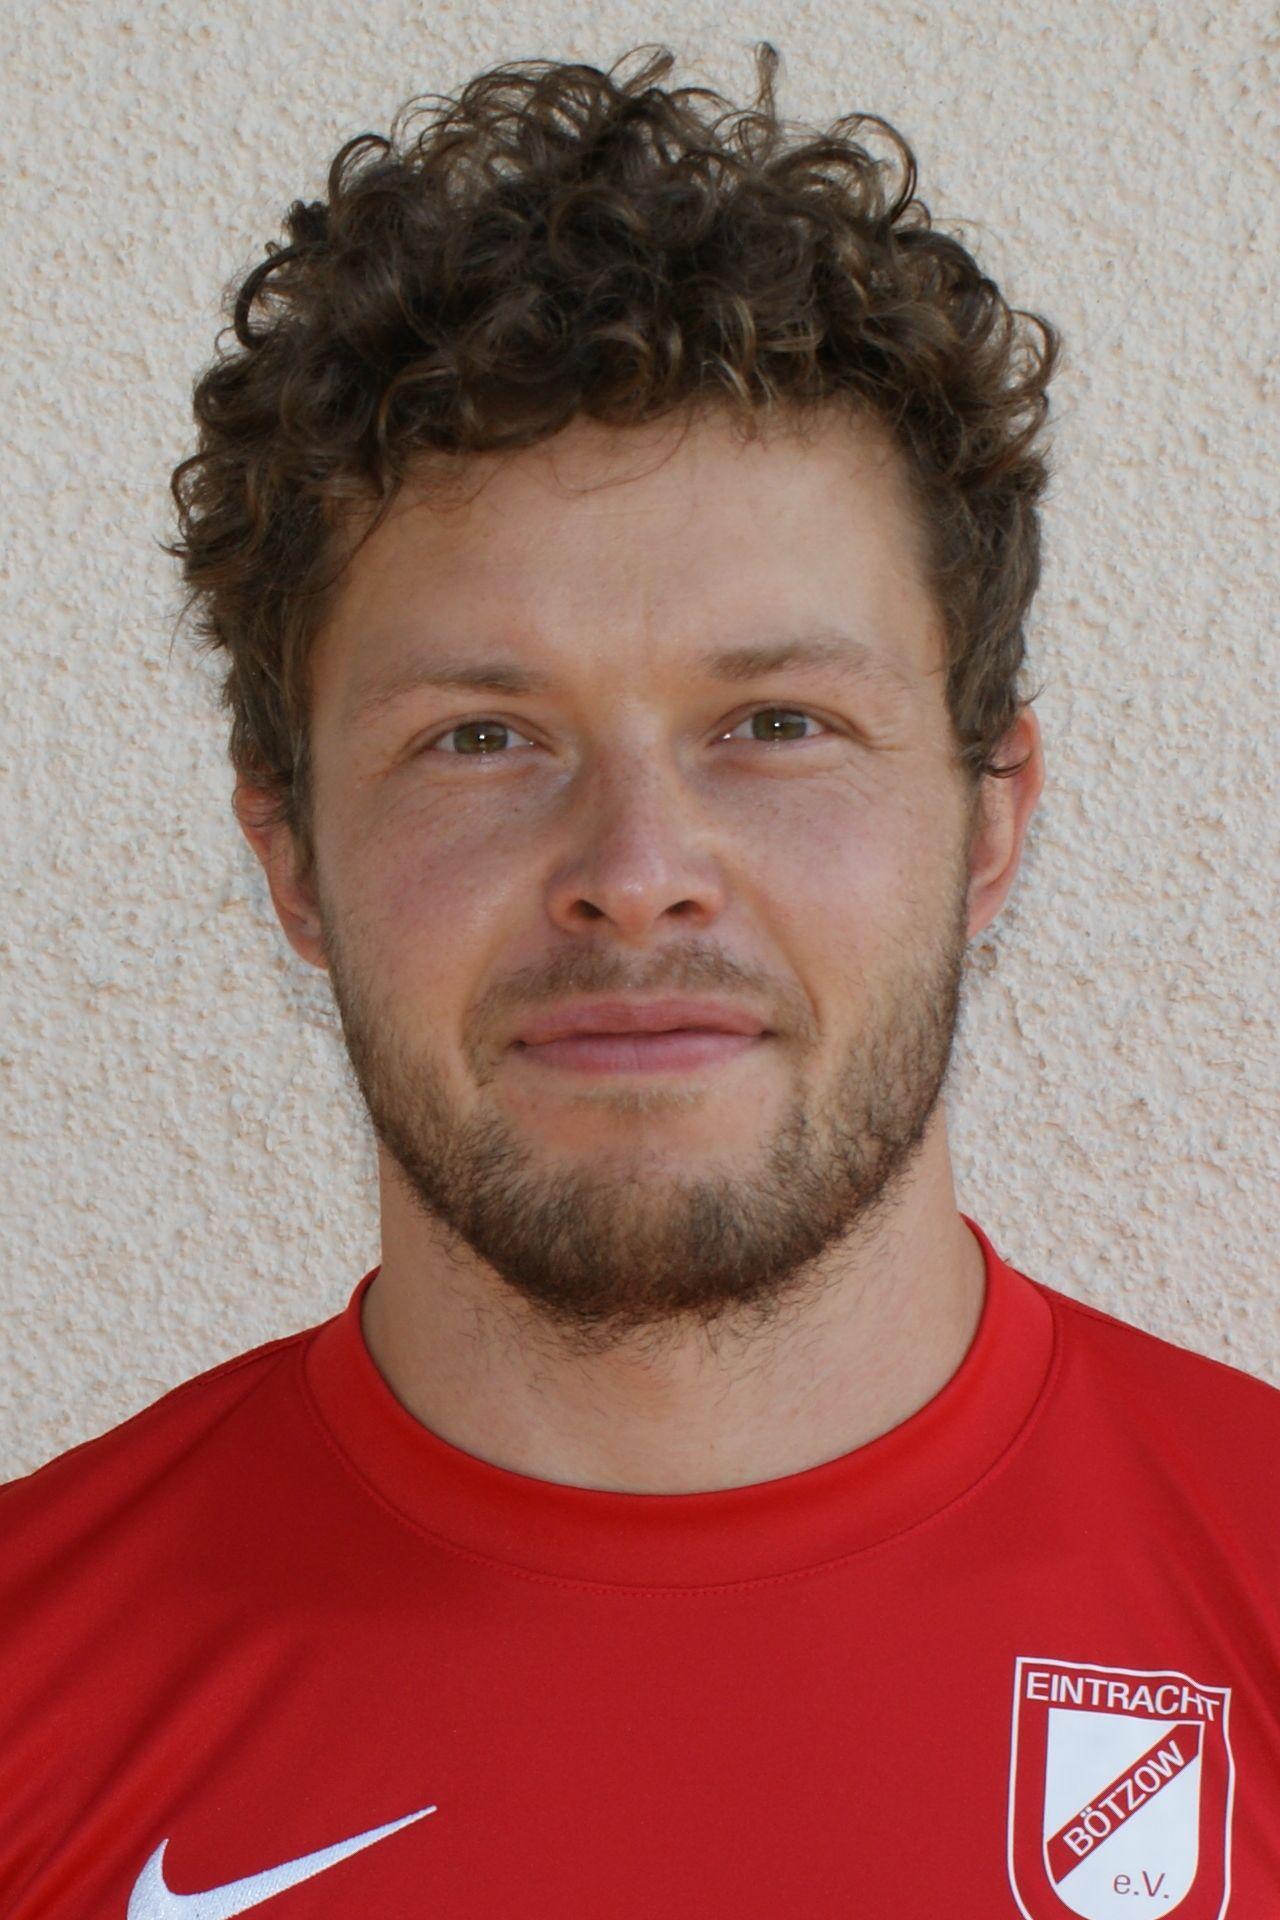 Erik Kreidel